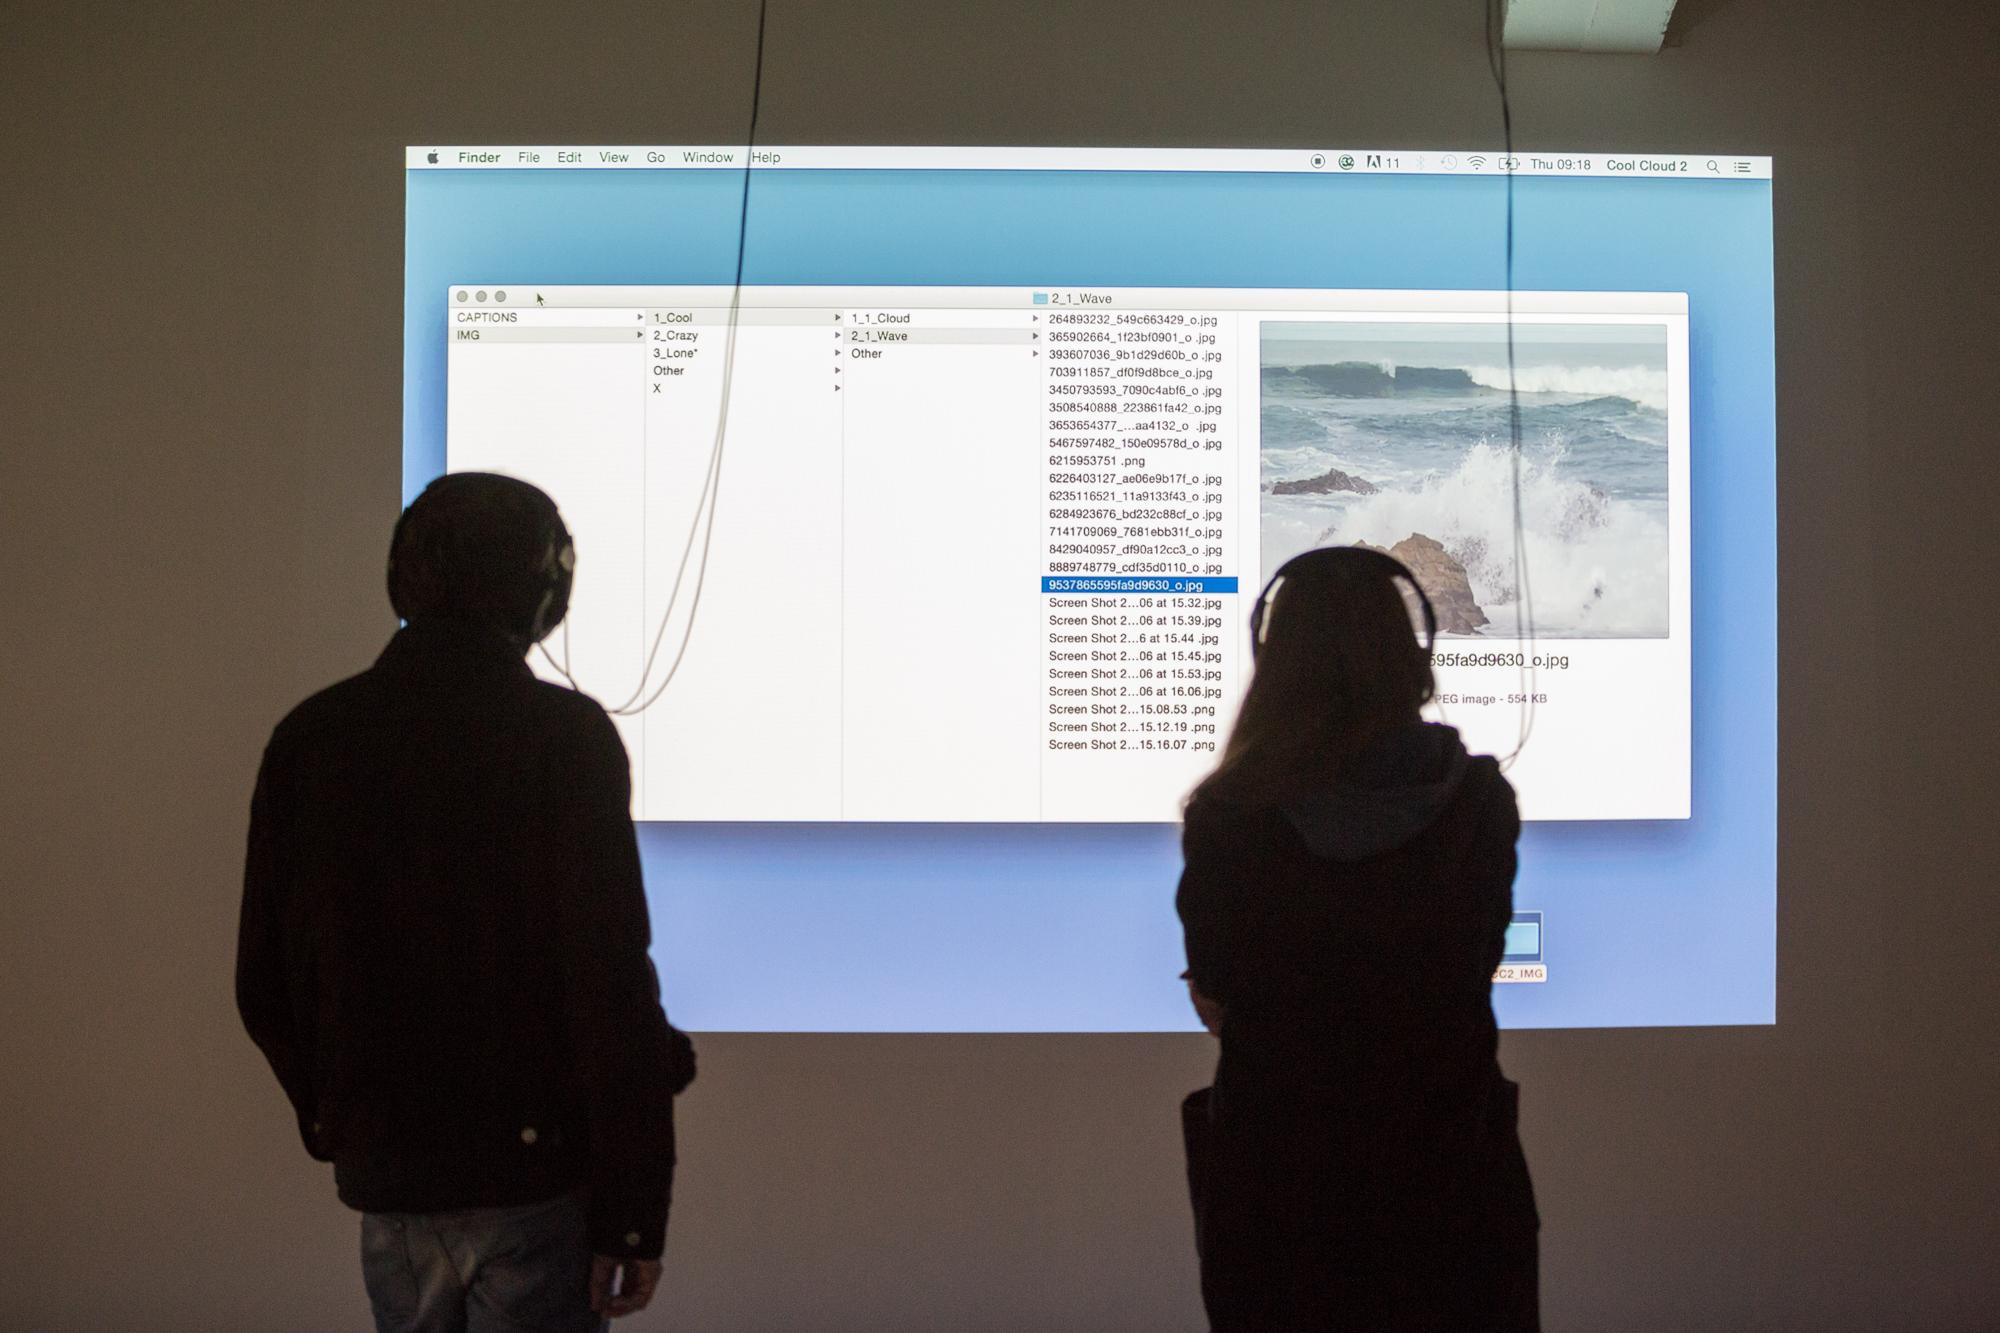 Gefangen in den endlosen Weiten einer Festplatte: Stefan Karrers Installation im Haus der elektronischen Künste (HeK).